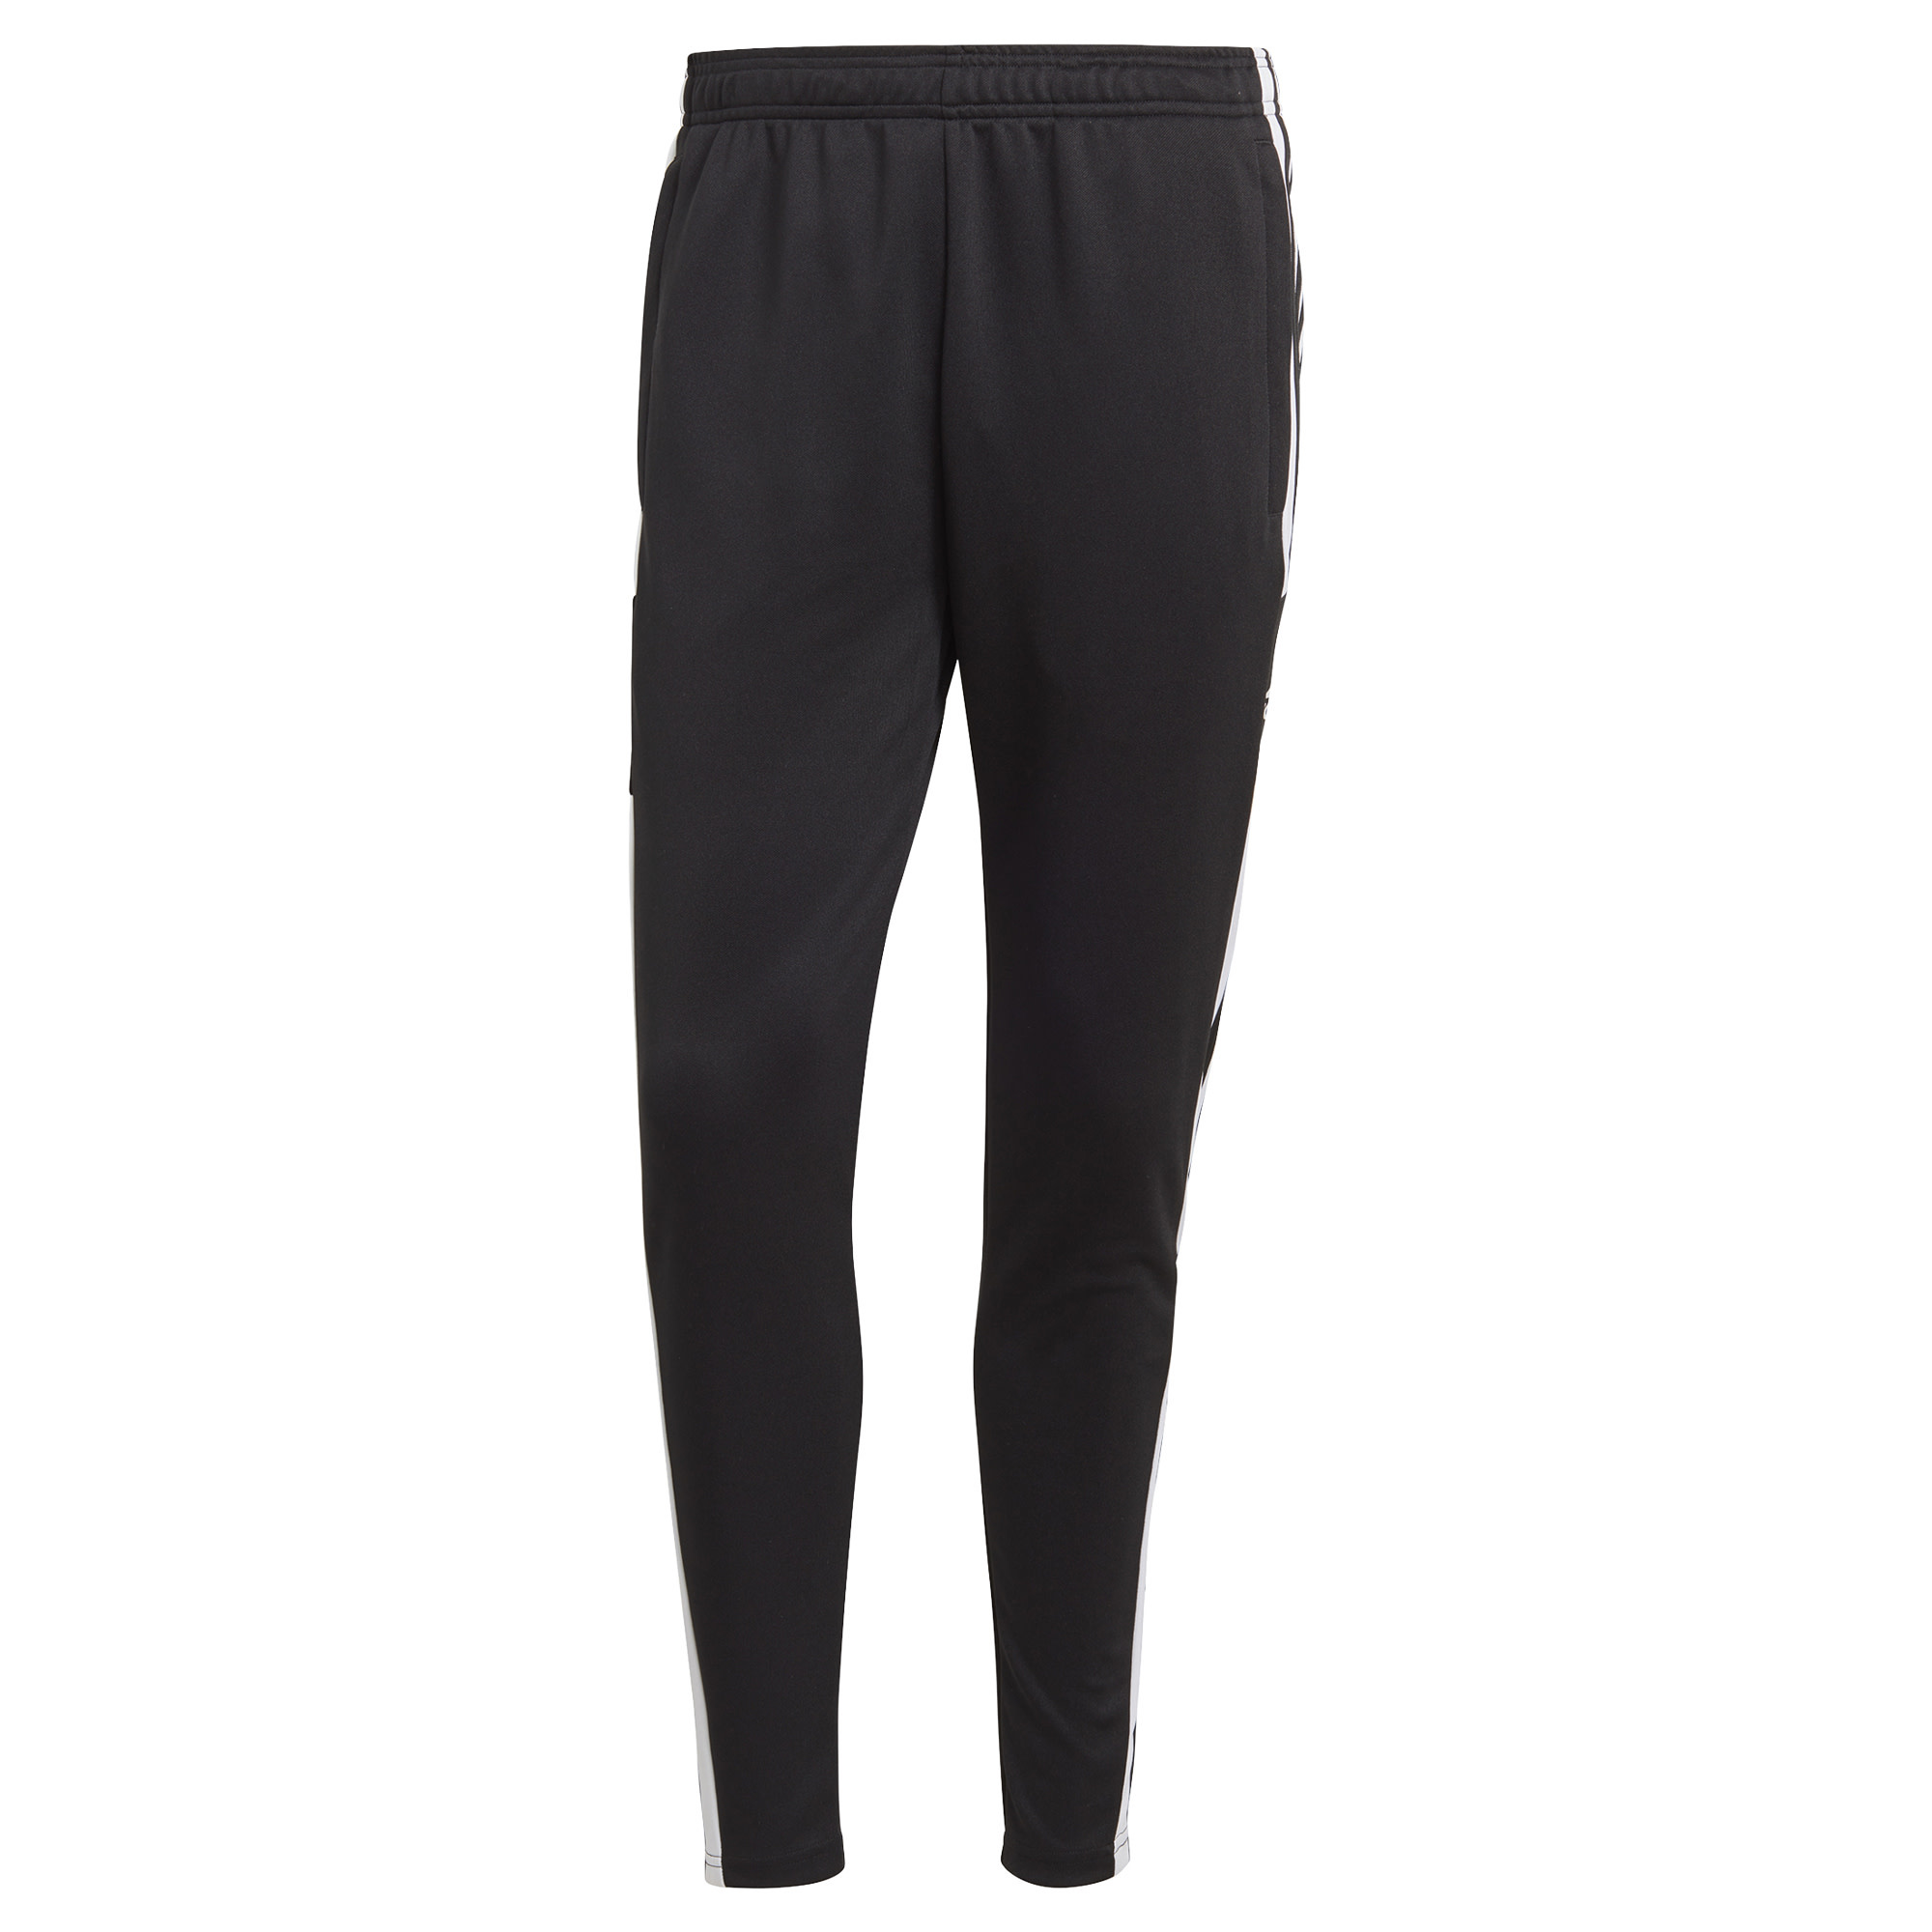 Adidas Squadra 21 Training Pant